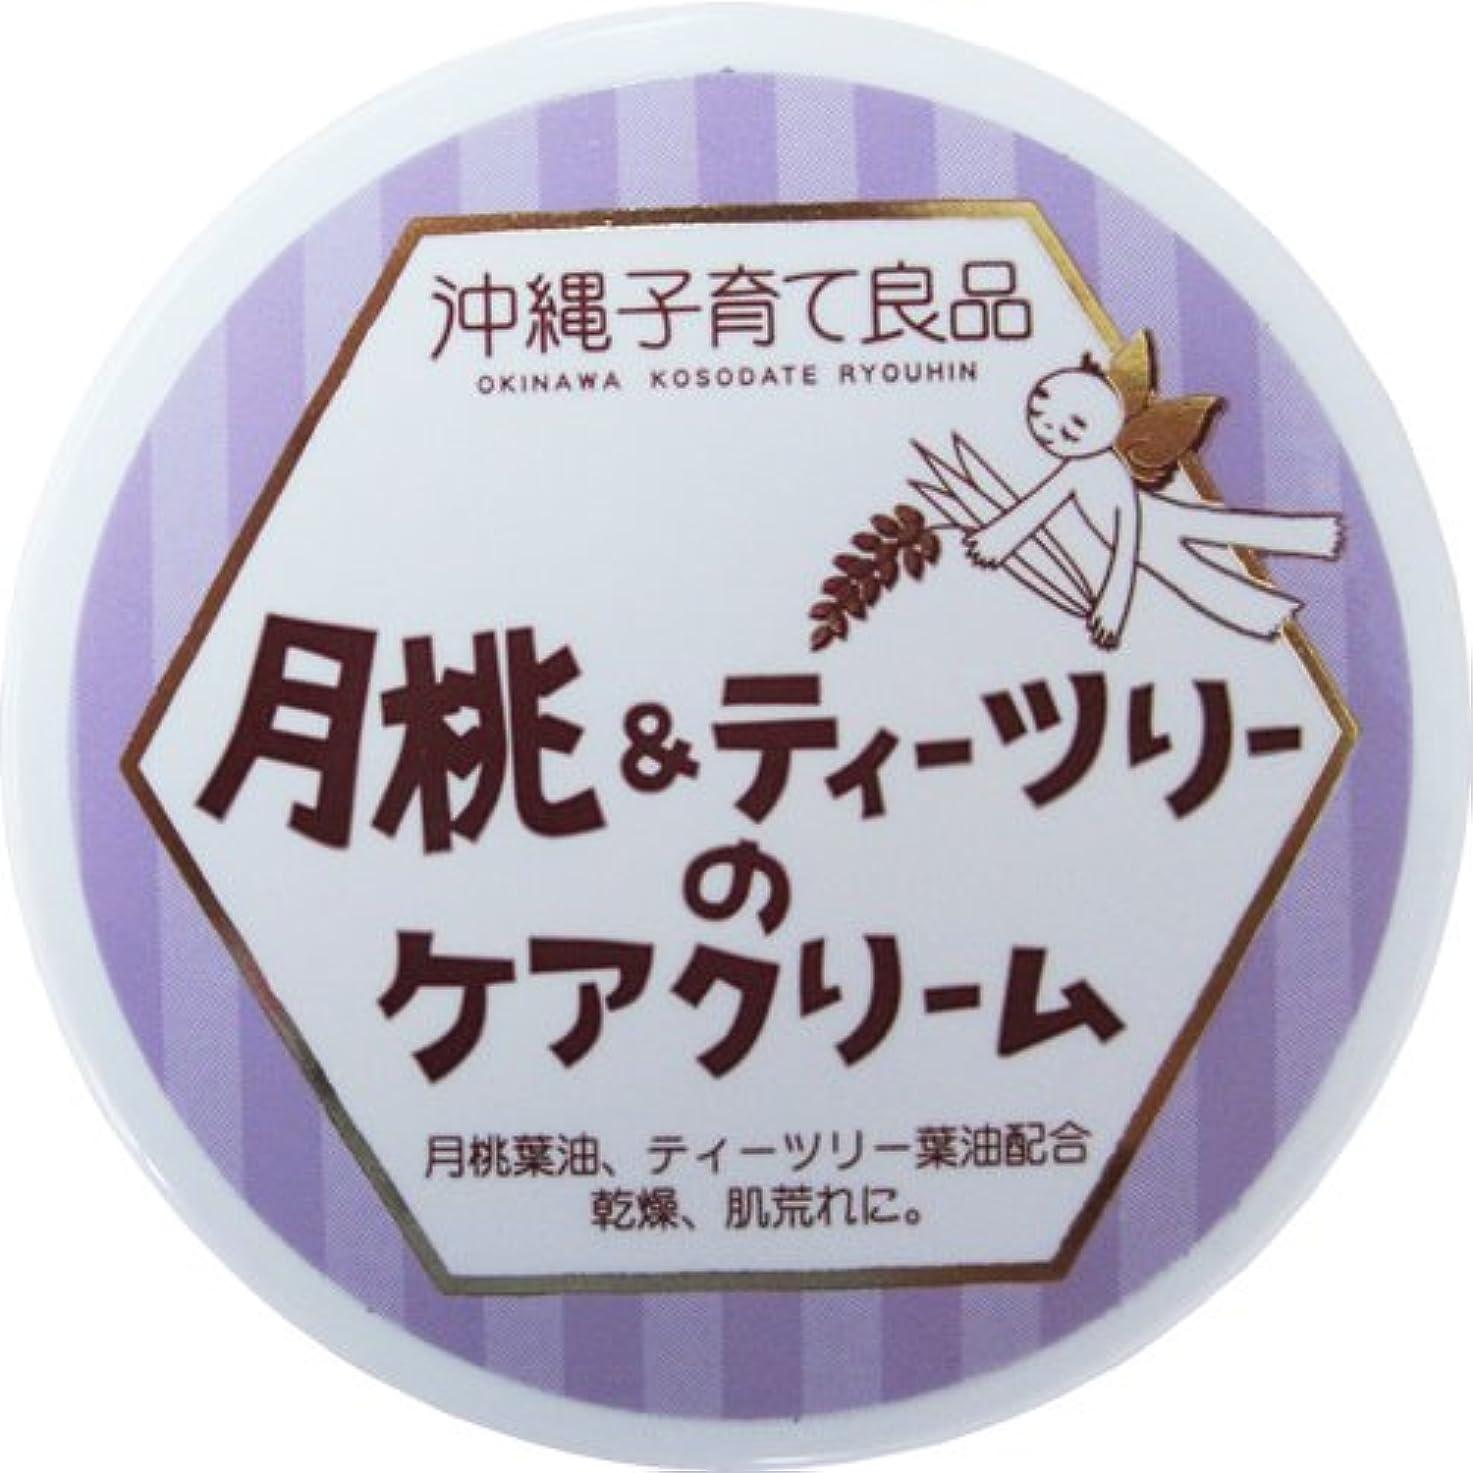 ブラウス古くなったオペレーター沖縄子育て良品 月桃&ティツリーのケアクリーム (25g)